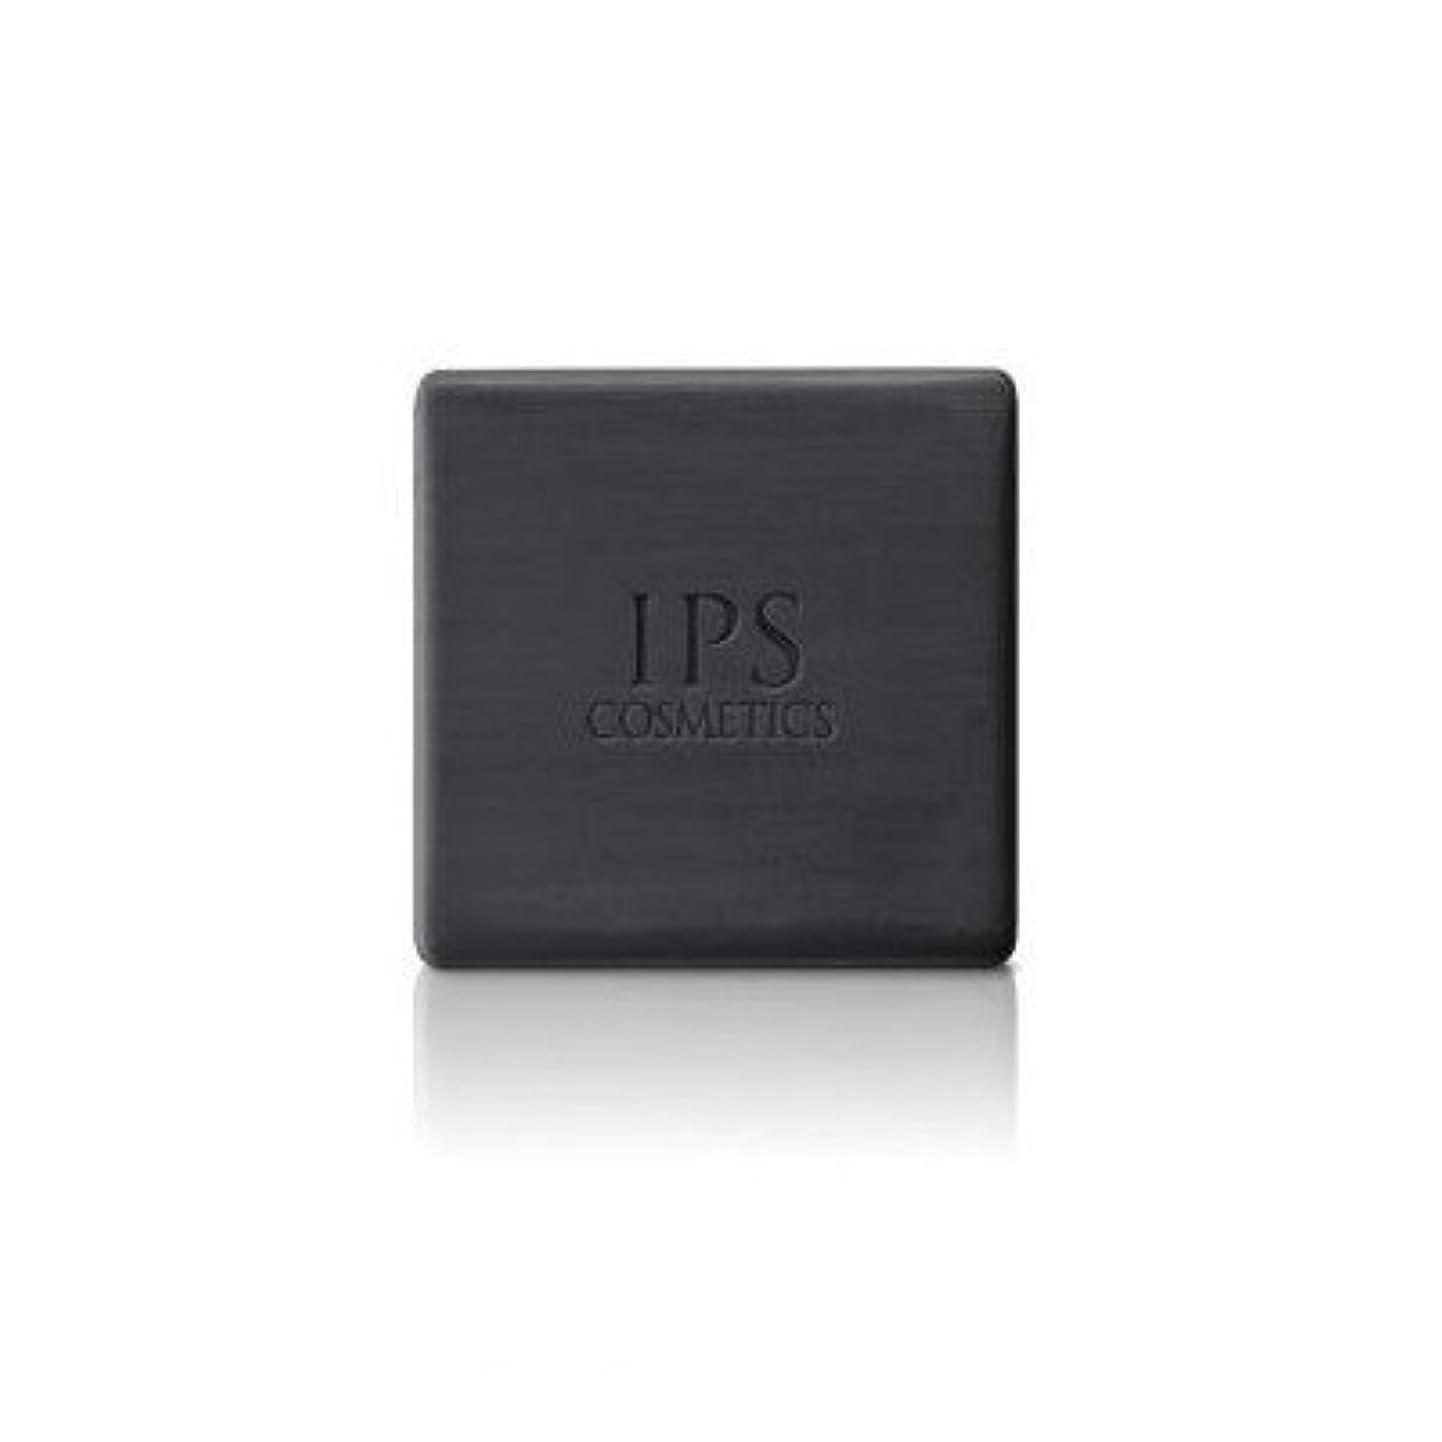 窒素抽象化一生お得な3個セット IPS コンディショニングバー 洗顔石鹸 120g